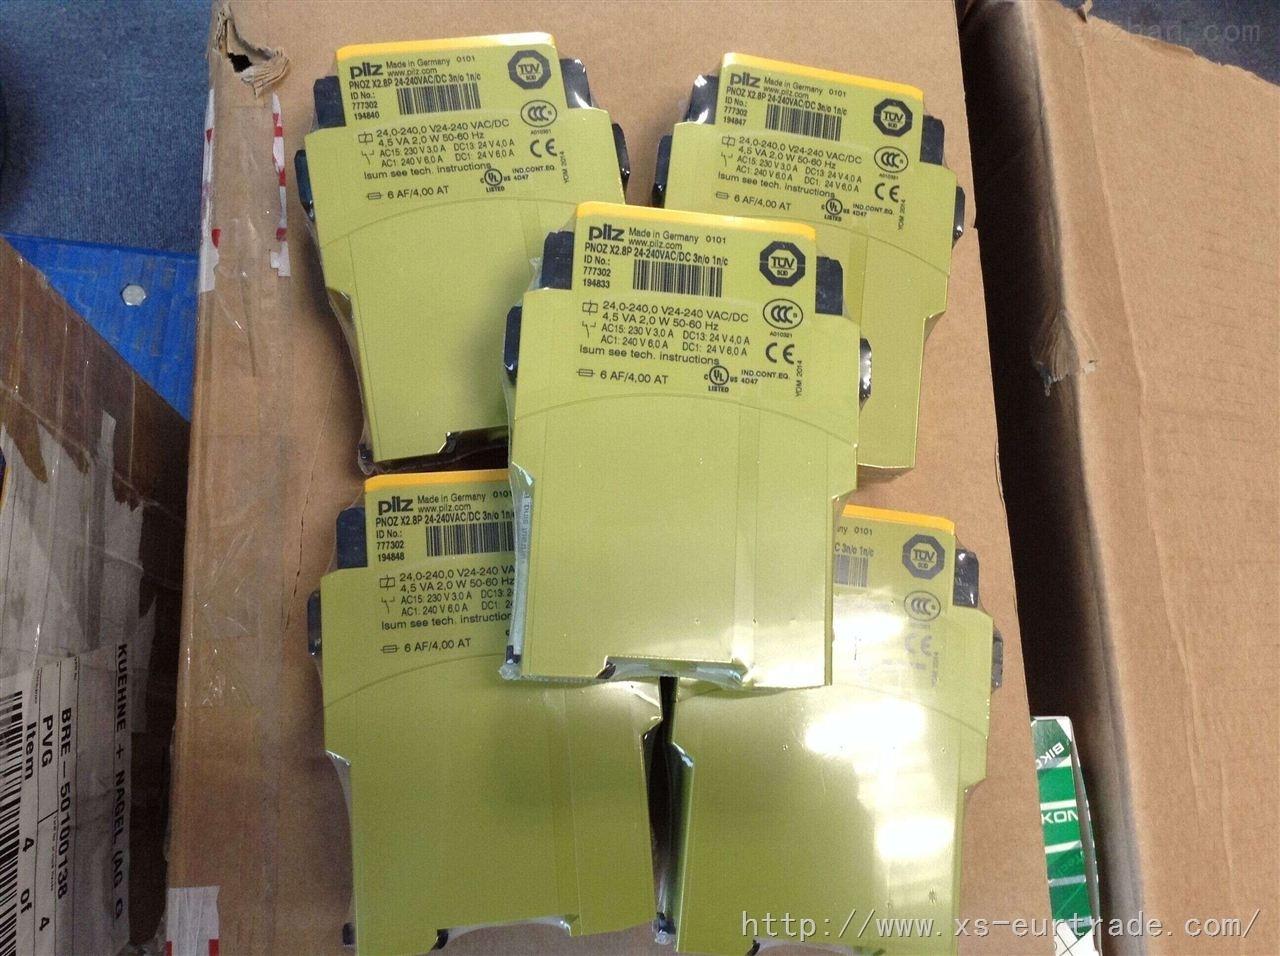 636075601263879212818 上海祥树优供kordt浮动测头,专业进口欧美品牌传感器编码器等工控设备_ bedia cls-40 wiring diagram at virtualis.co